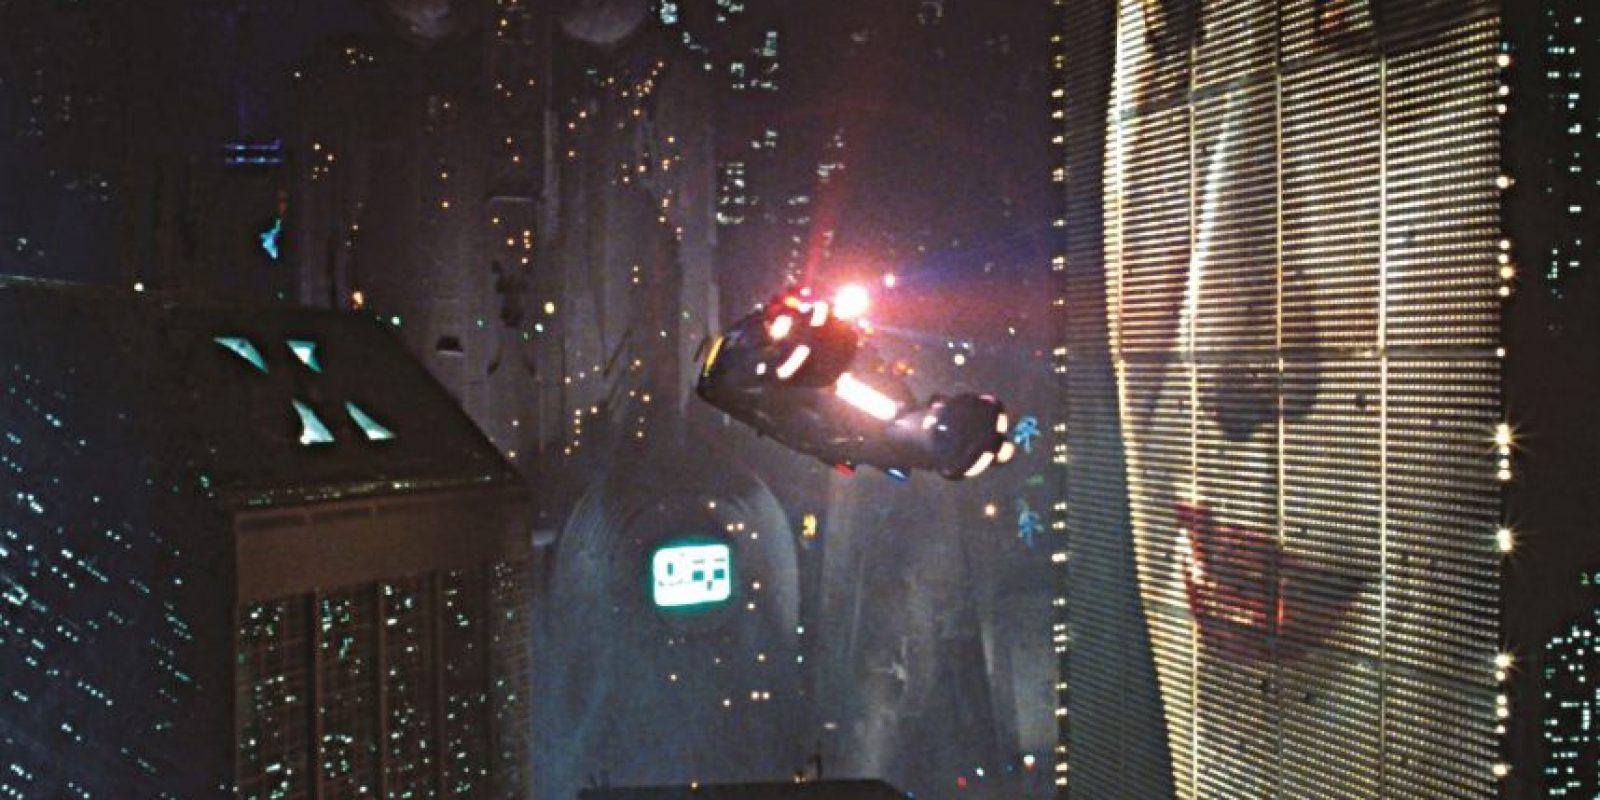 """COCHES VOLADORES: El coche volador pone fin a los tediosos atascos de tráfico. En películas como Blade Runner"""", El quinto elemento, y en la serie """"Star Wars"""", son parte envidiable de la vida cotidiana. Mientras que los ingenie-ros y los científicos todavía están aprendiendo cómo hacer un 'AeroMobile', por ahora nos quedamos en el carril lento."""